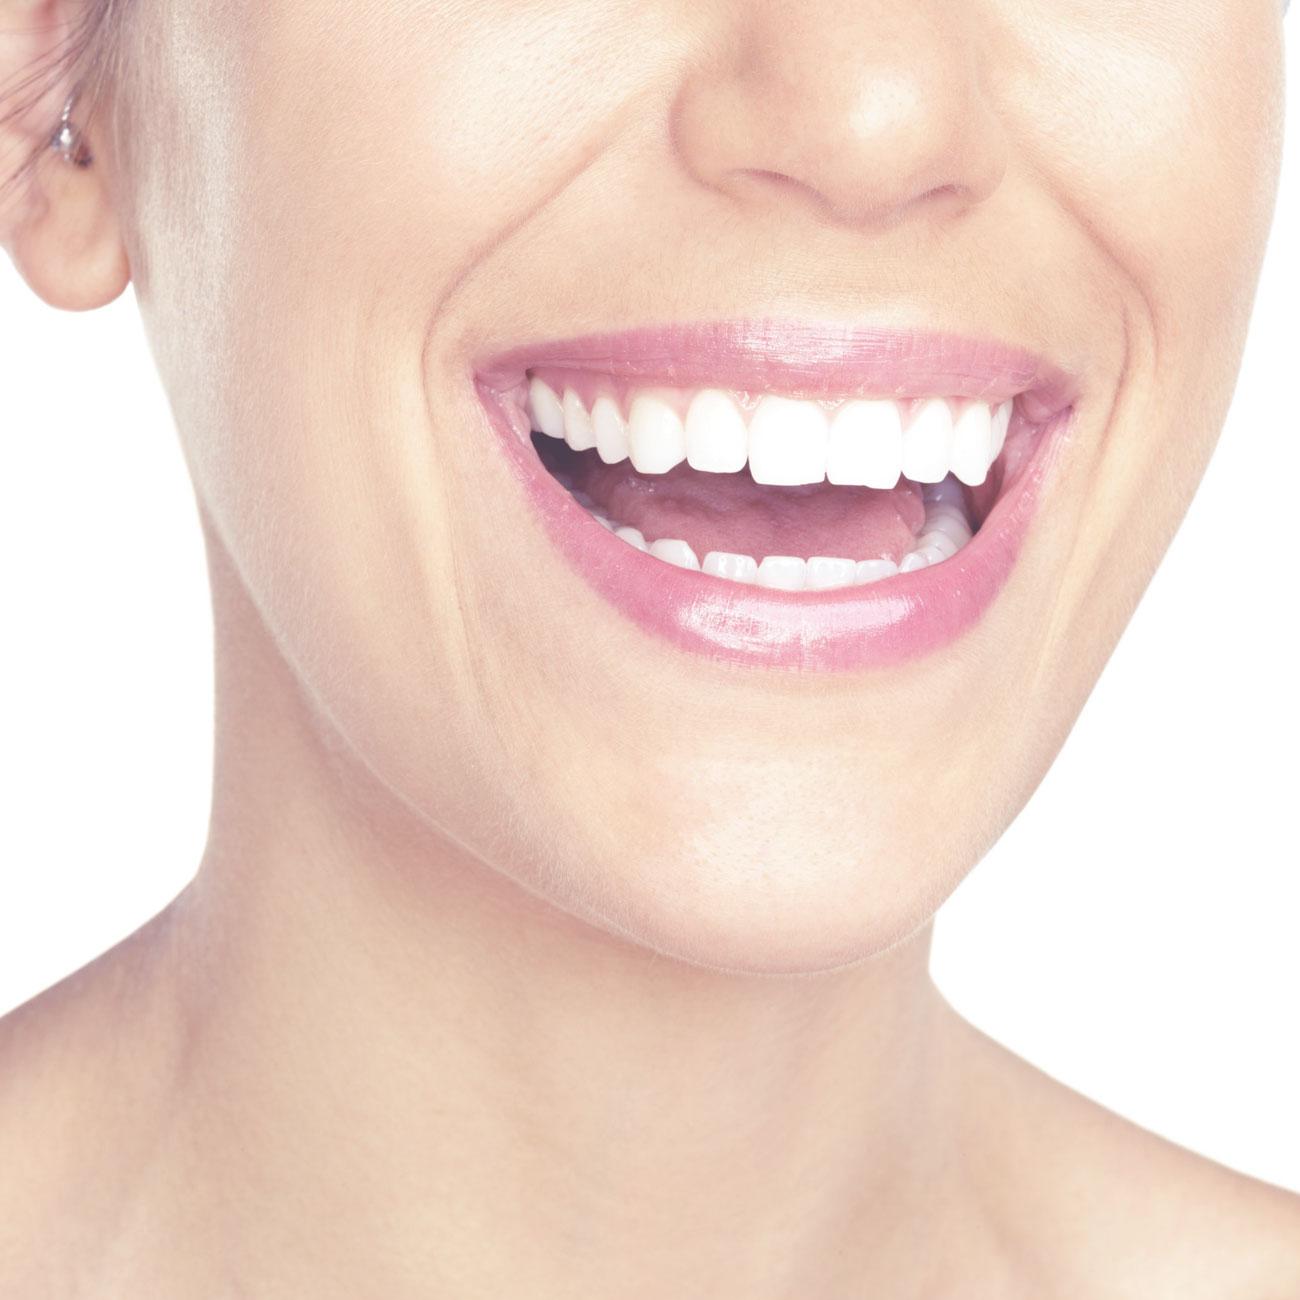 Diseño de la sonrisa en 3d